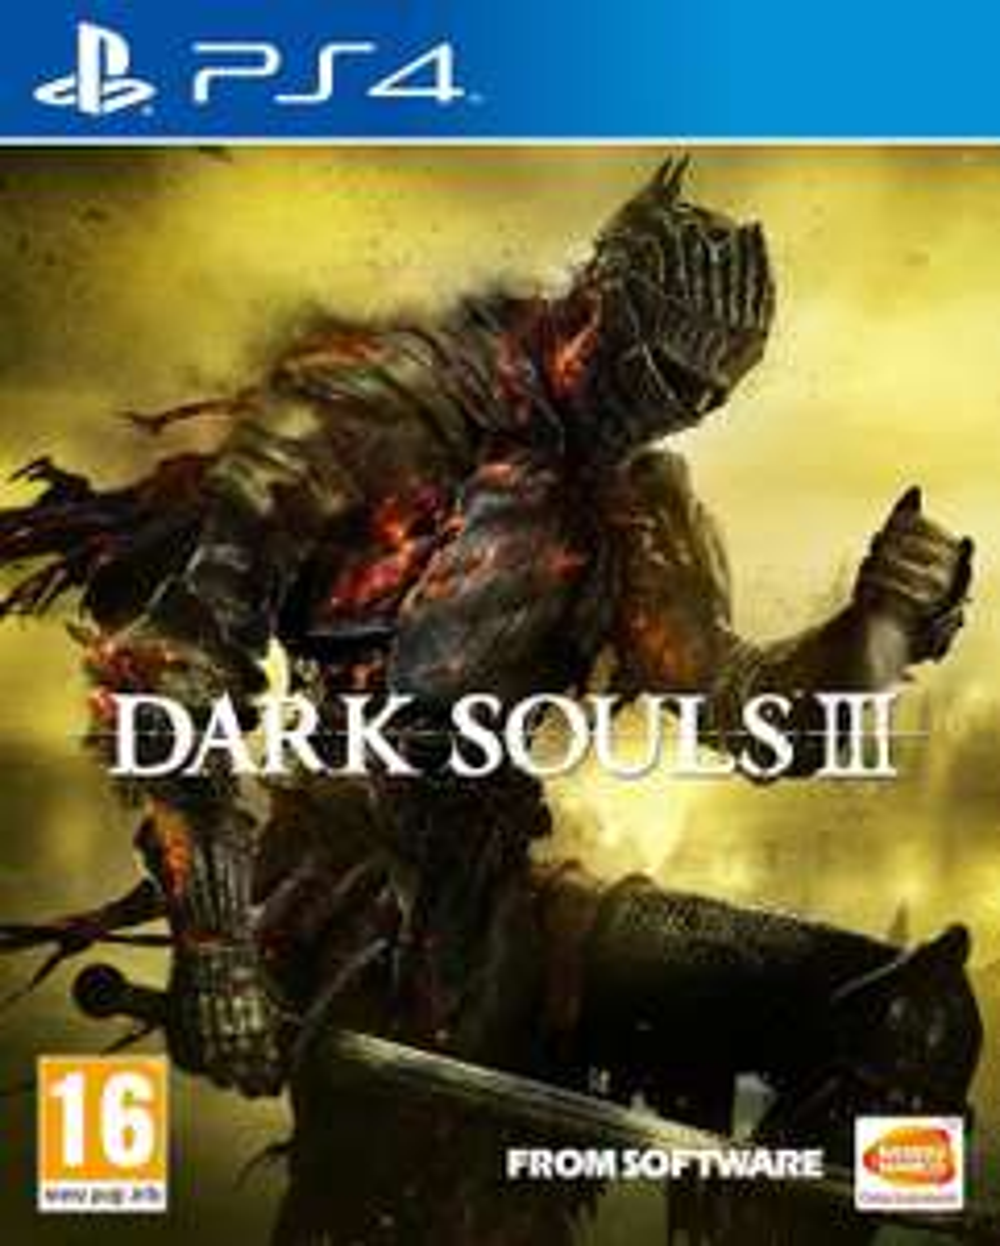 Dark Souls 3 sur Xbox One à 27.82€ et PS4